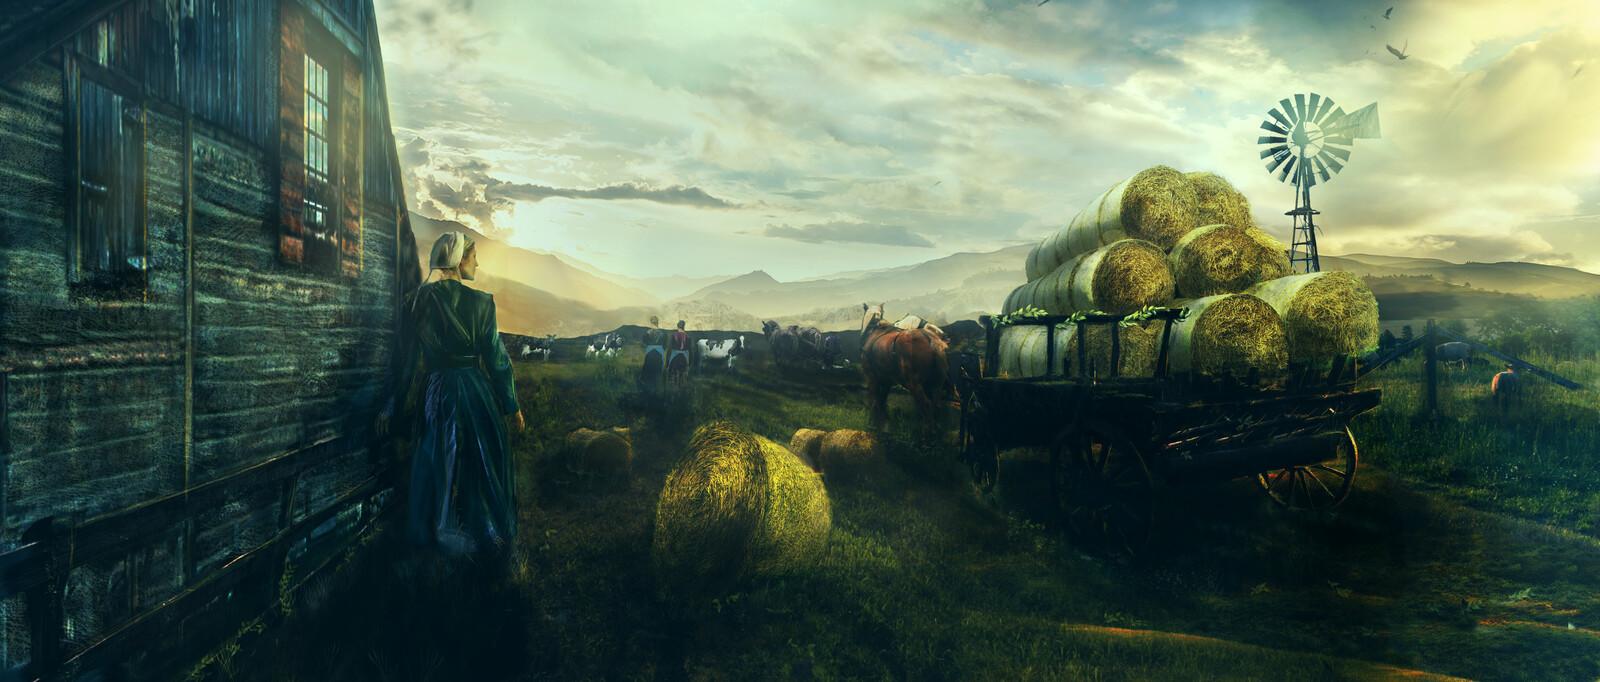 Farmer life - environment concept